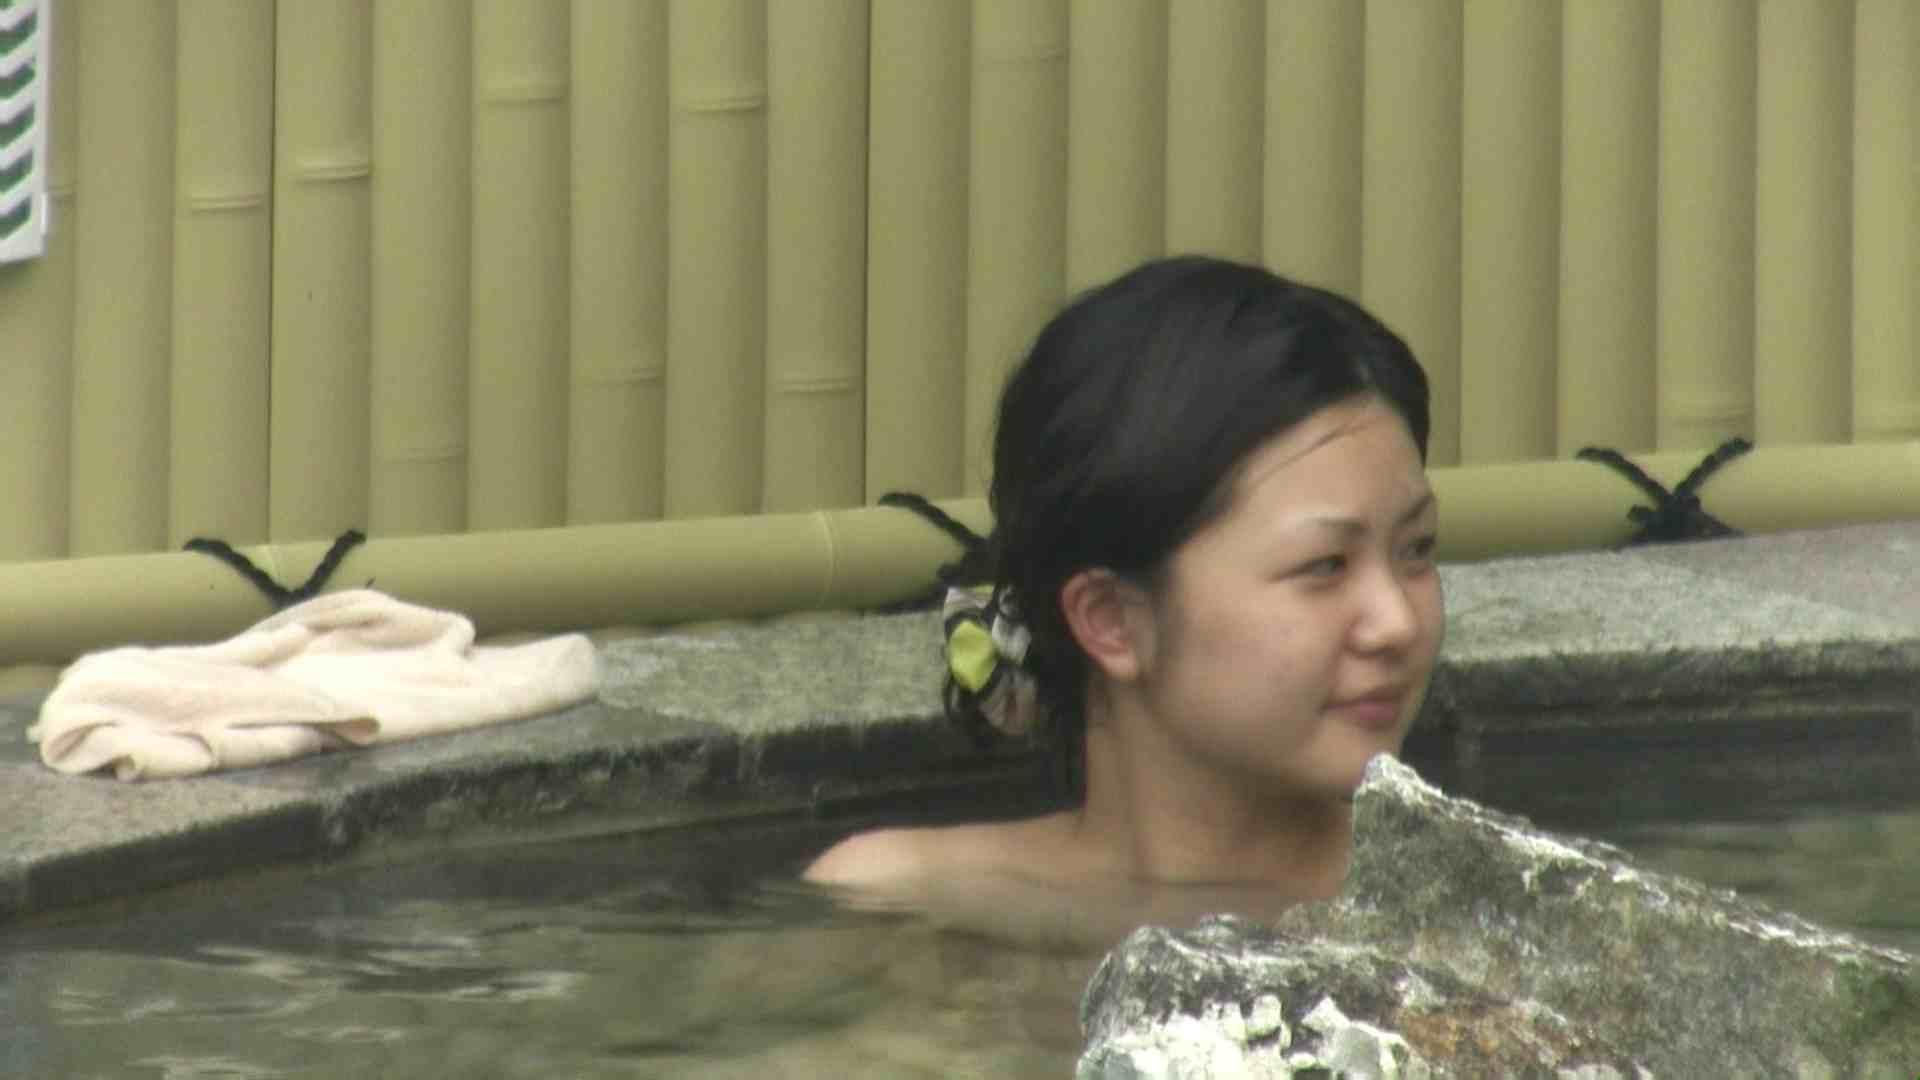 高画質露天女風呂観察 vol.032 ギャル入浴 SEX無修正画像 101連発 47